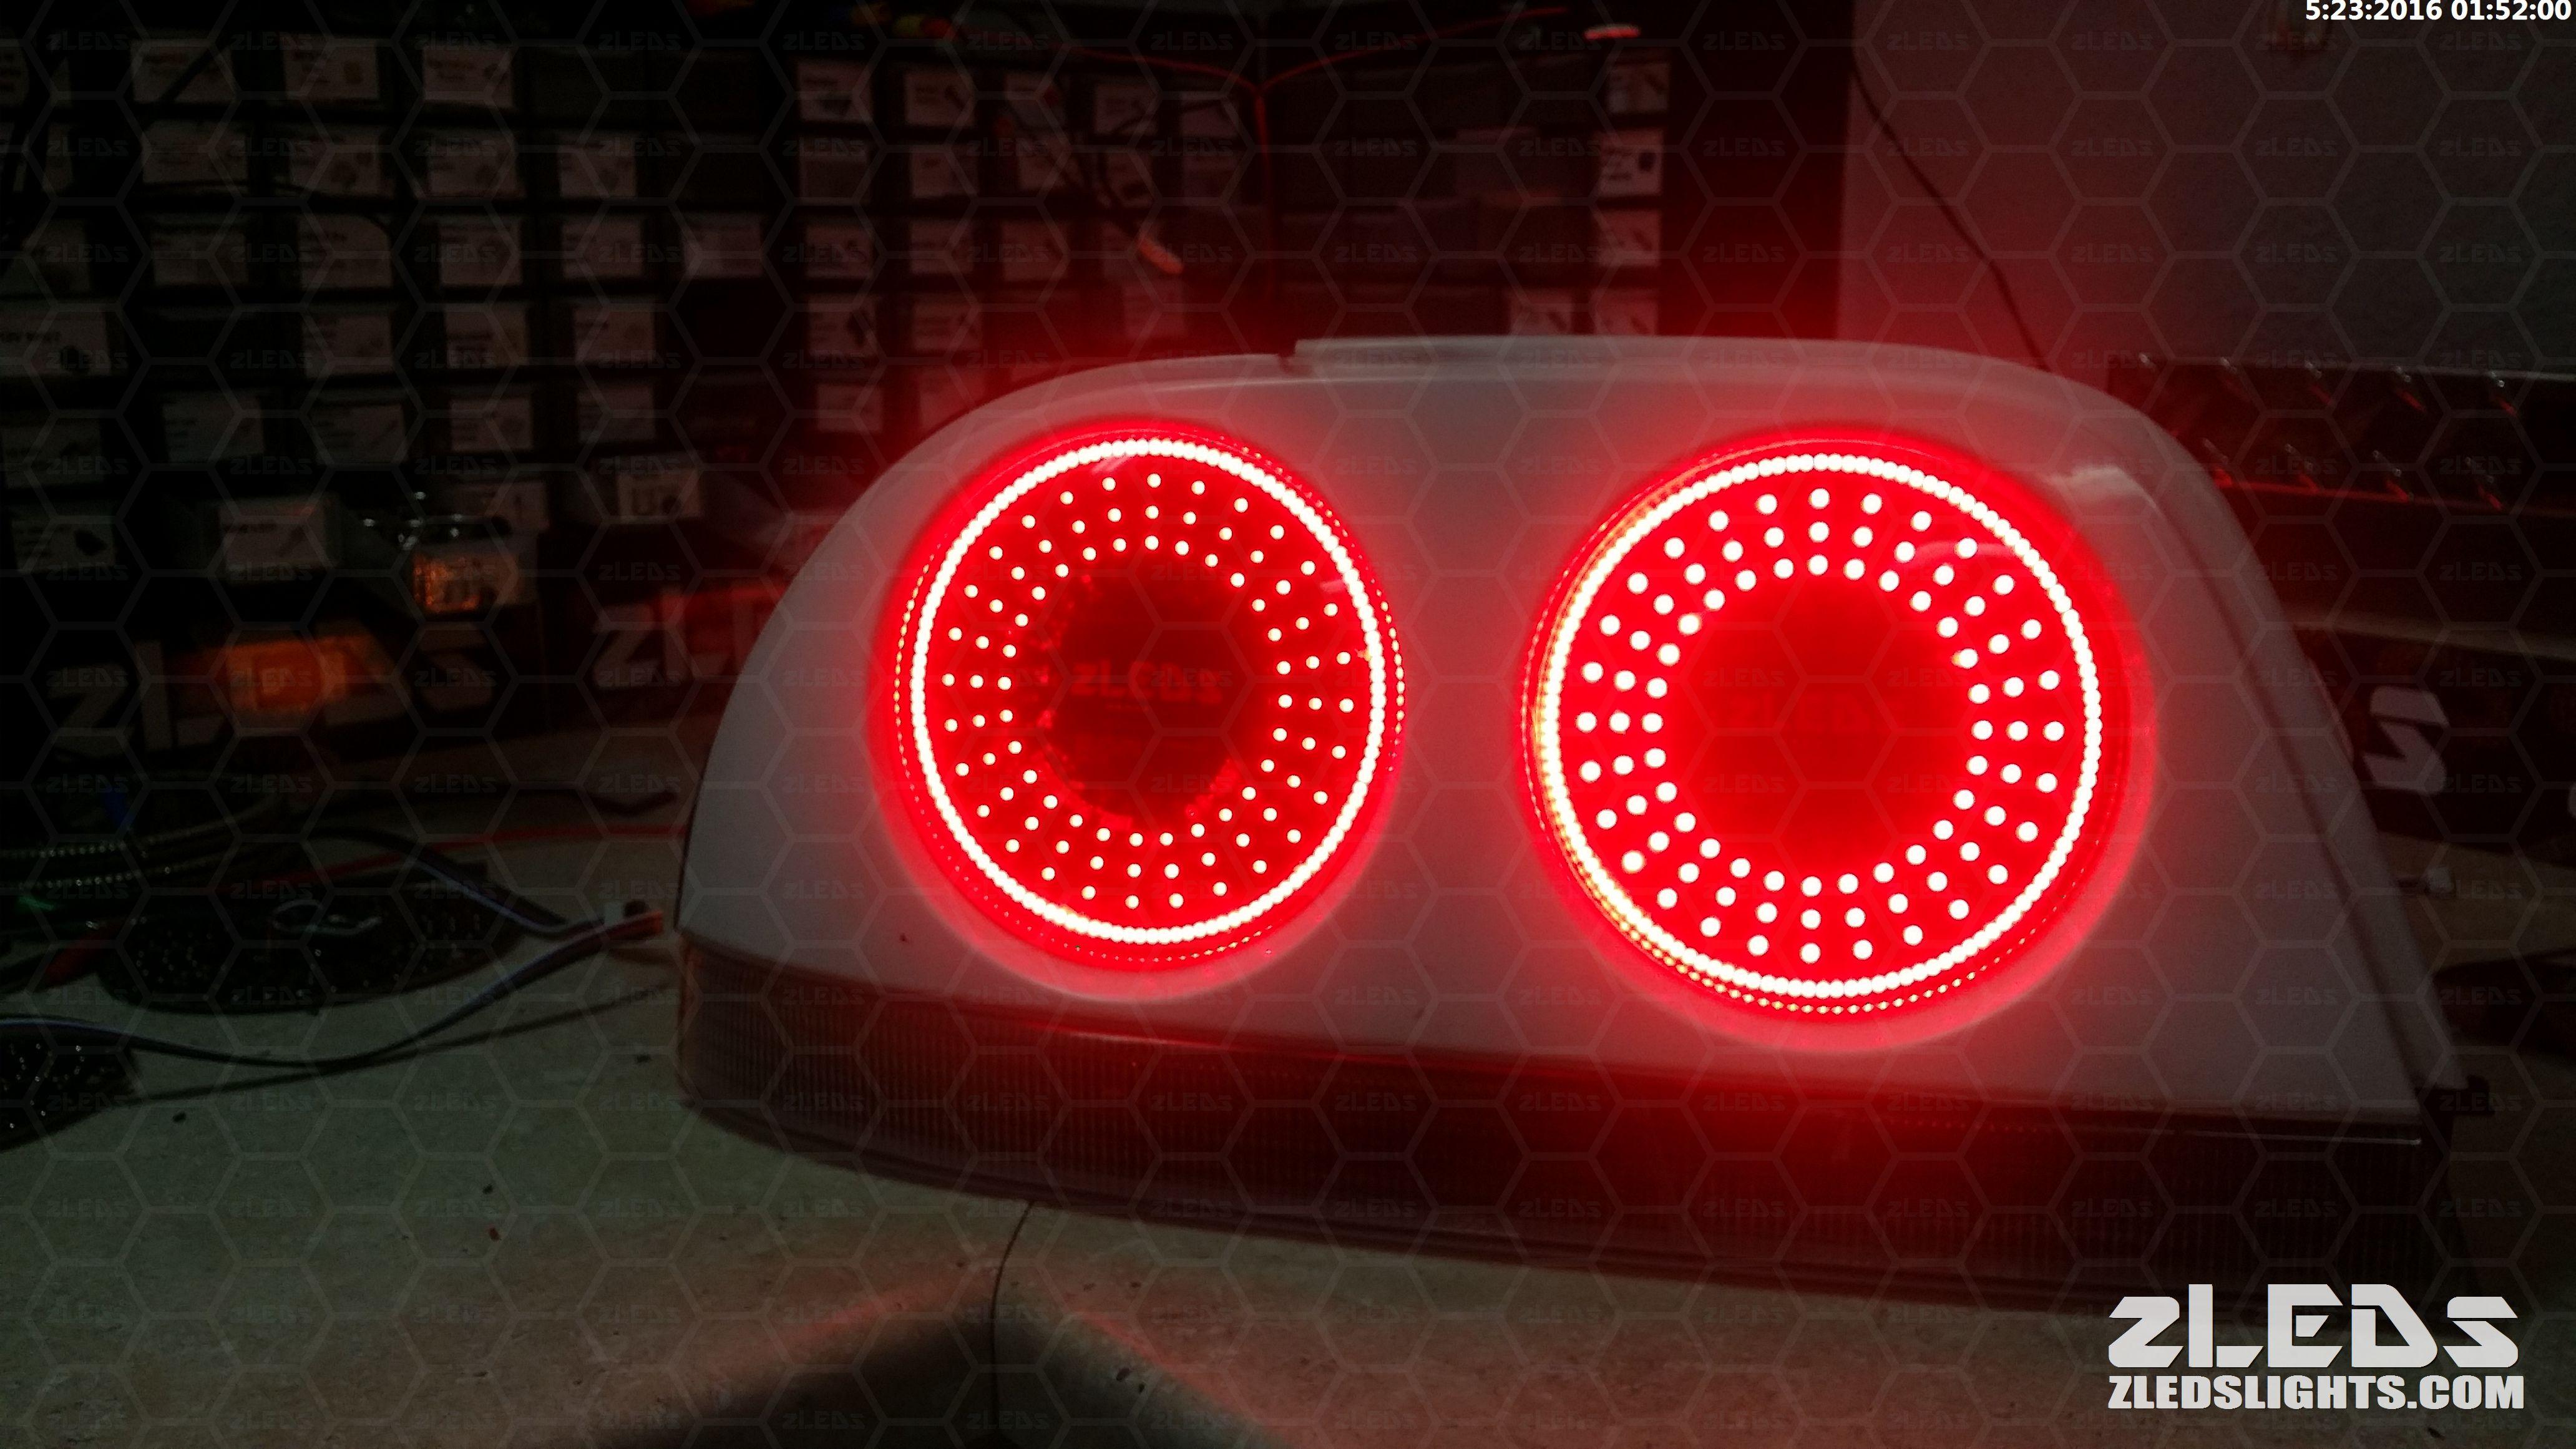 Trailer Light Wiring Diagram Nissan Gtr Schematics R33 Zledslights 2005